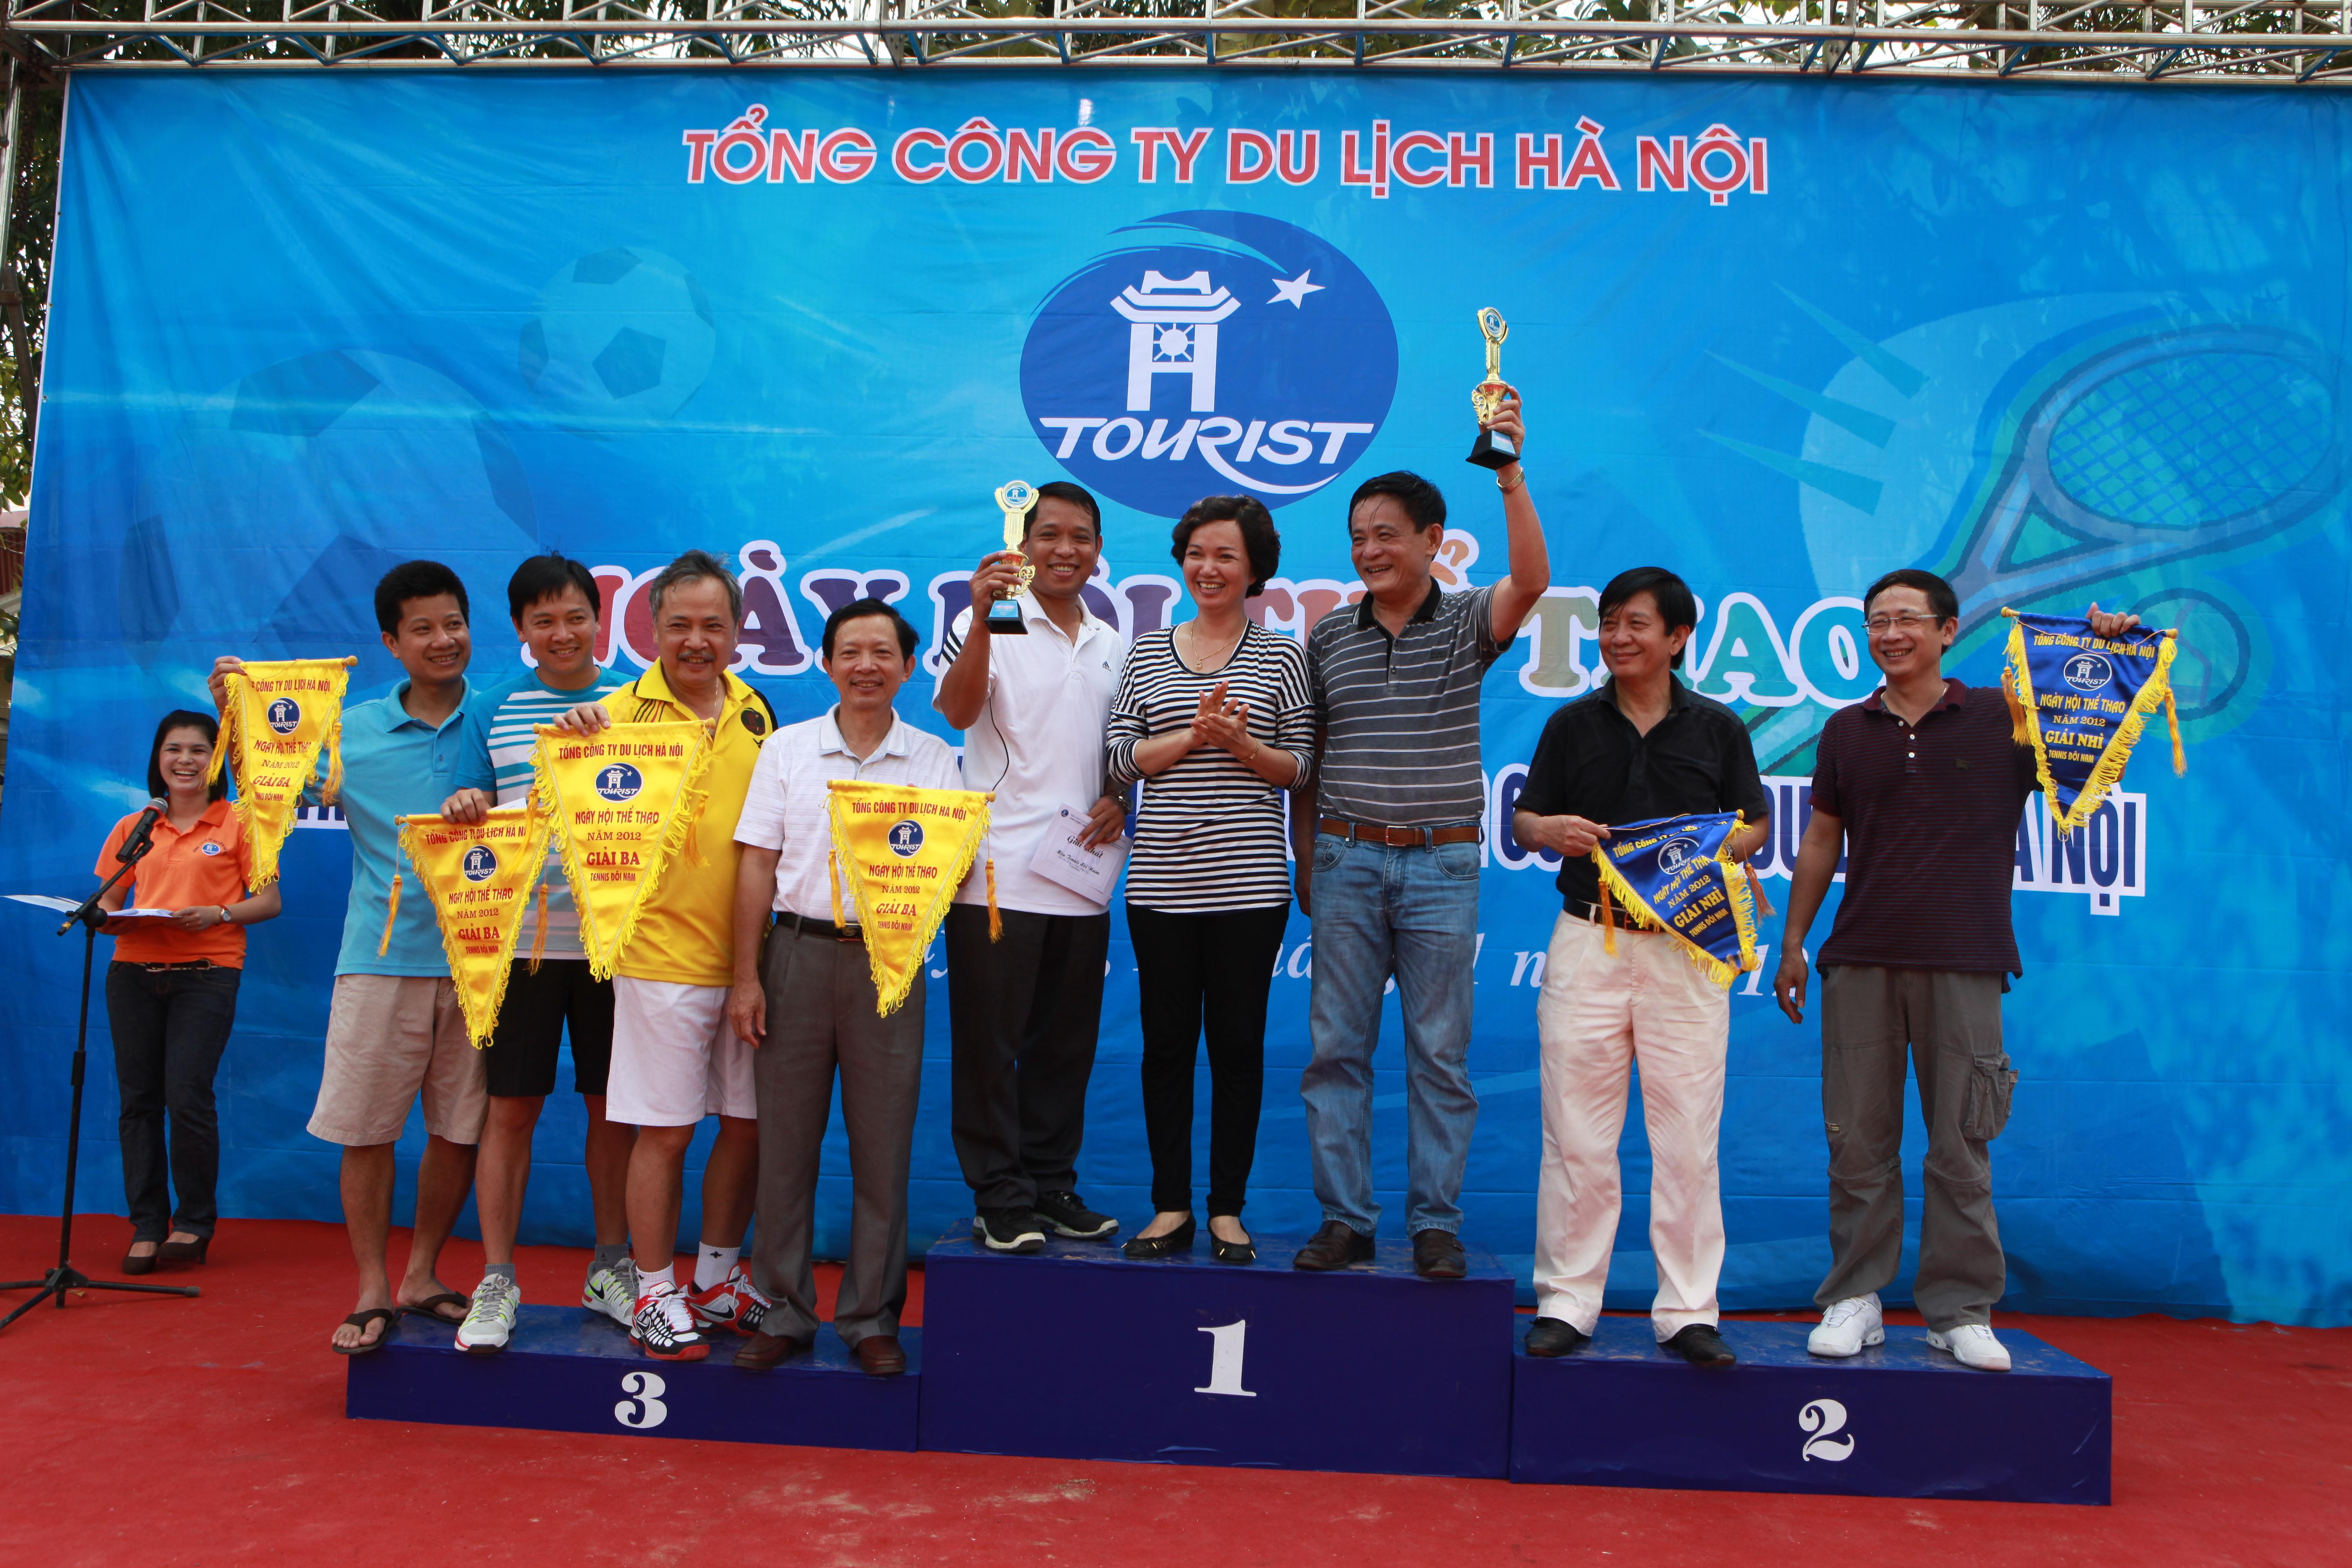 Ngày hội thể thao Tổng công ty Du lịch Hà Nội thành công rực rỡ